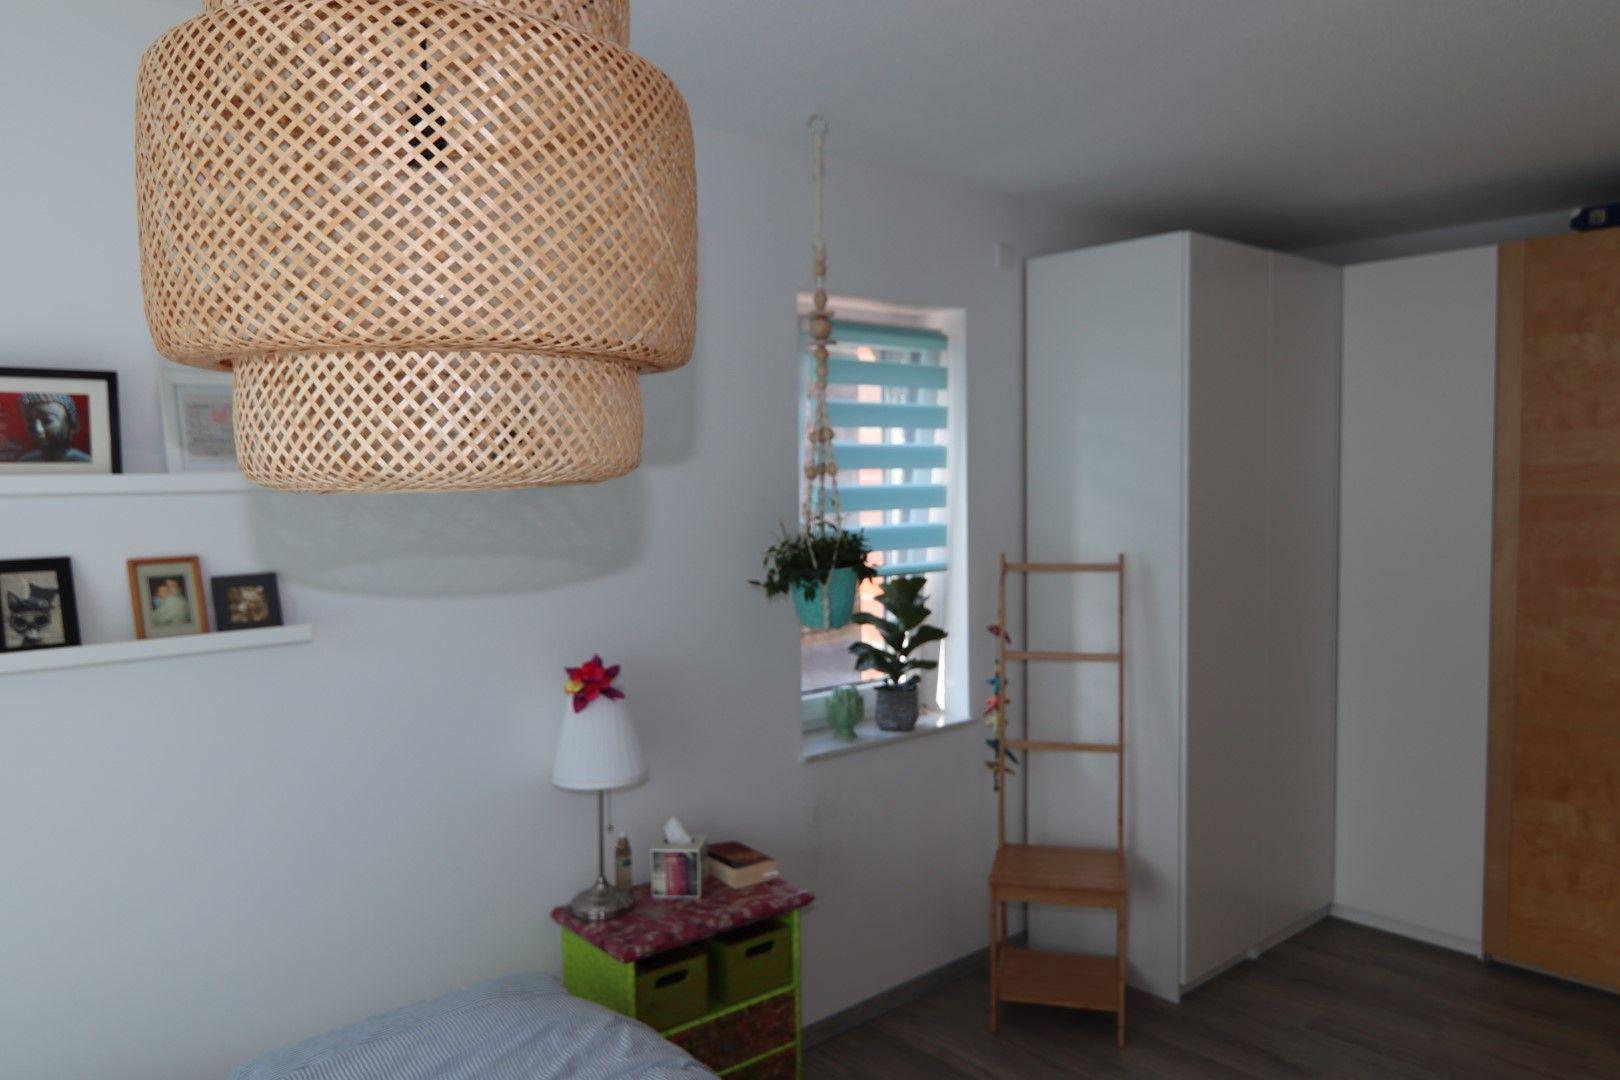 Immobilie Nr.0266 - 2-Raum-Erdgeschoss-Wohnung im Neubau mit hochwertiger Ausstattung - Bild 11.jpg